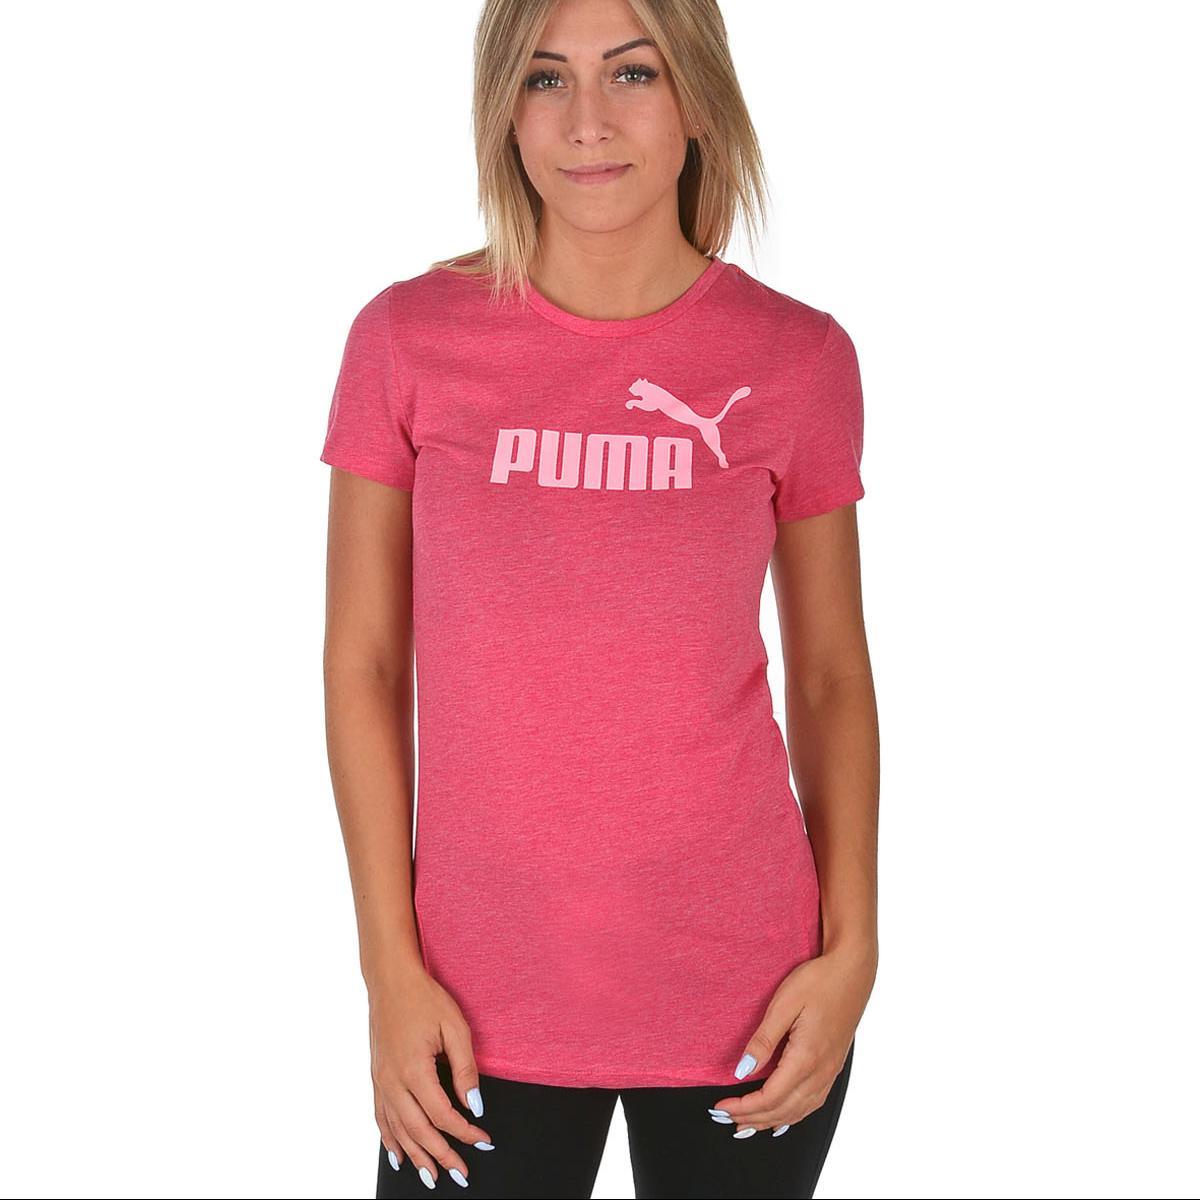 przytulnie świeże sprzedaż kup popularne T-shirt PUMA Koszulka Damska (838399 29) L - 6945699303 ...